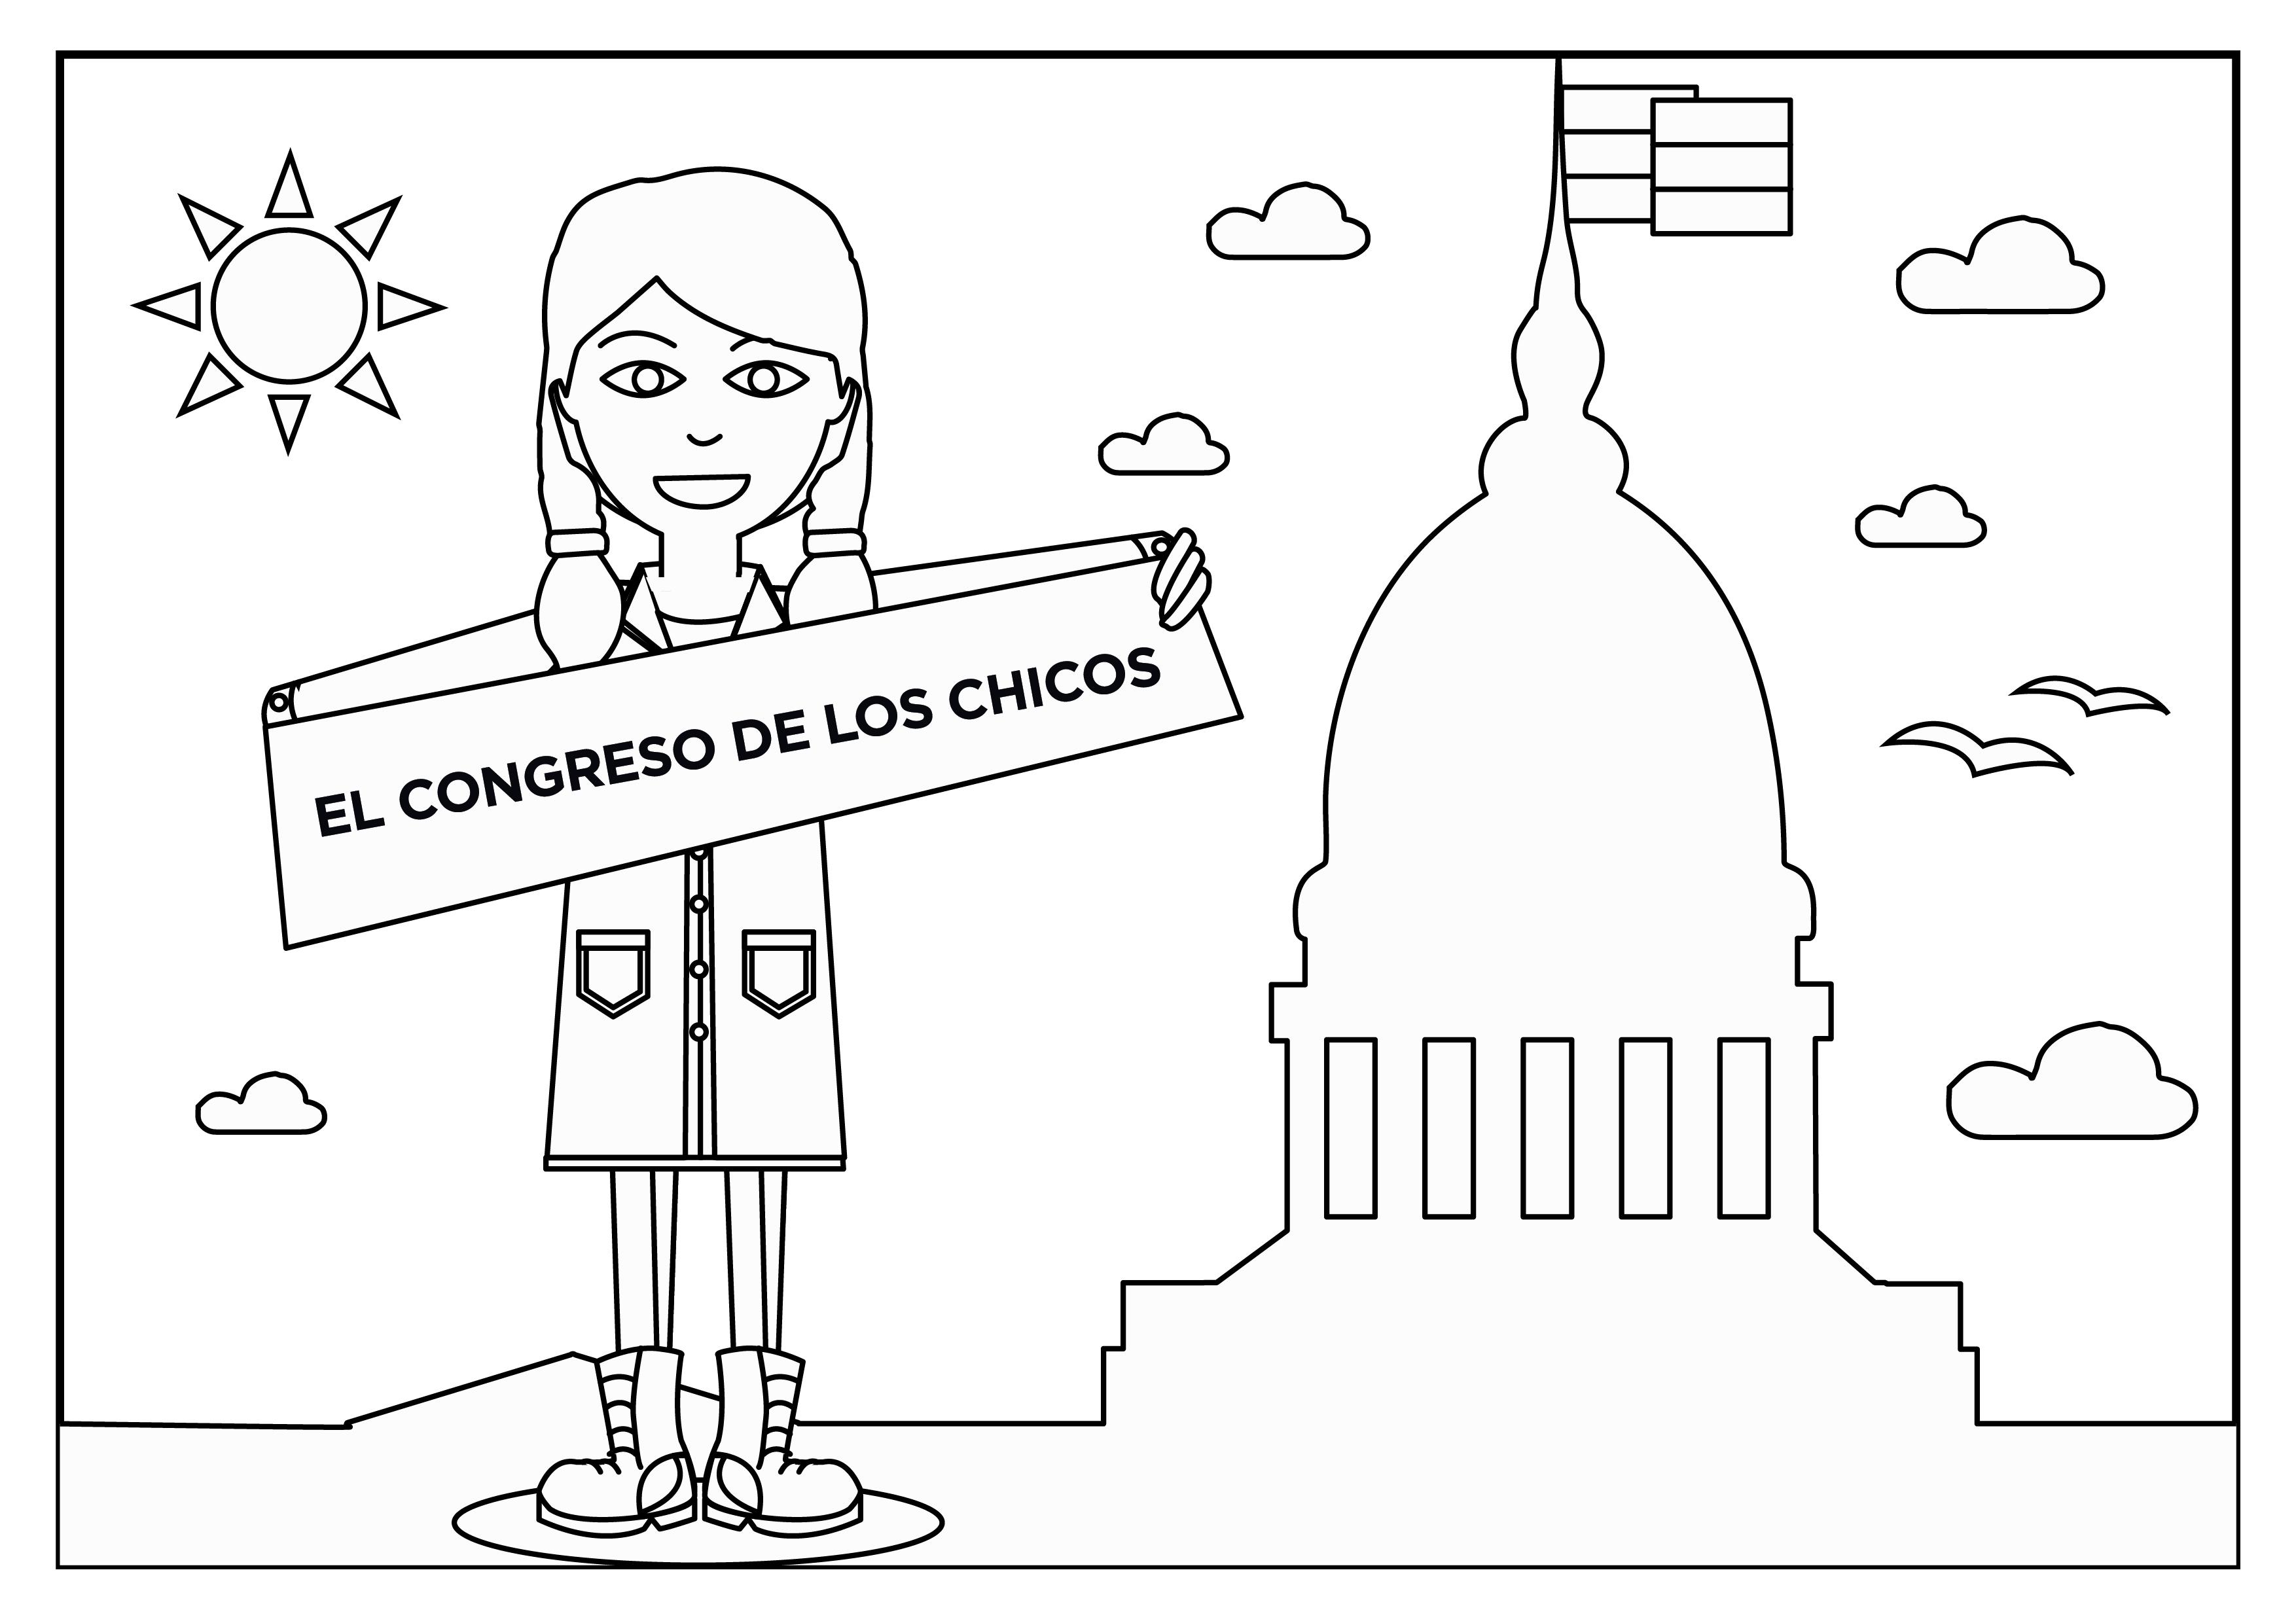 El Congreso de los chicos